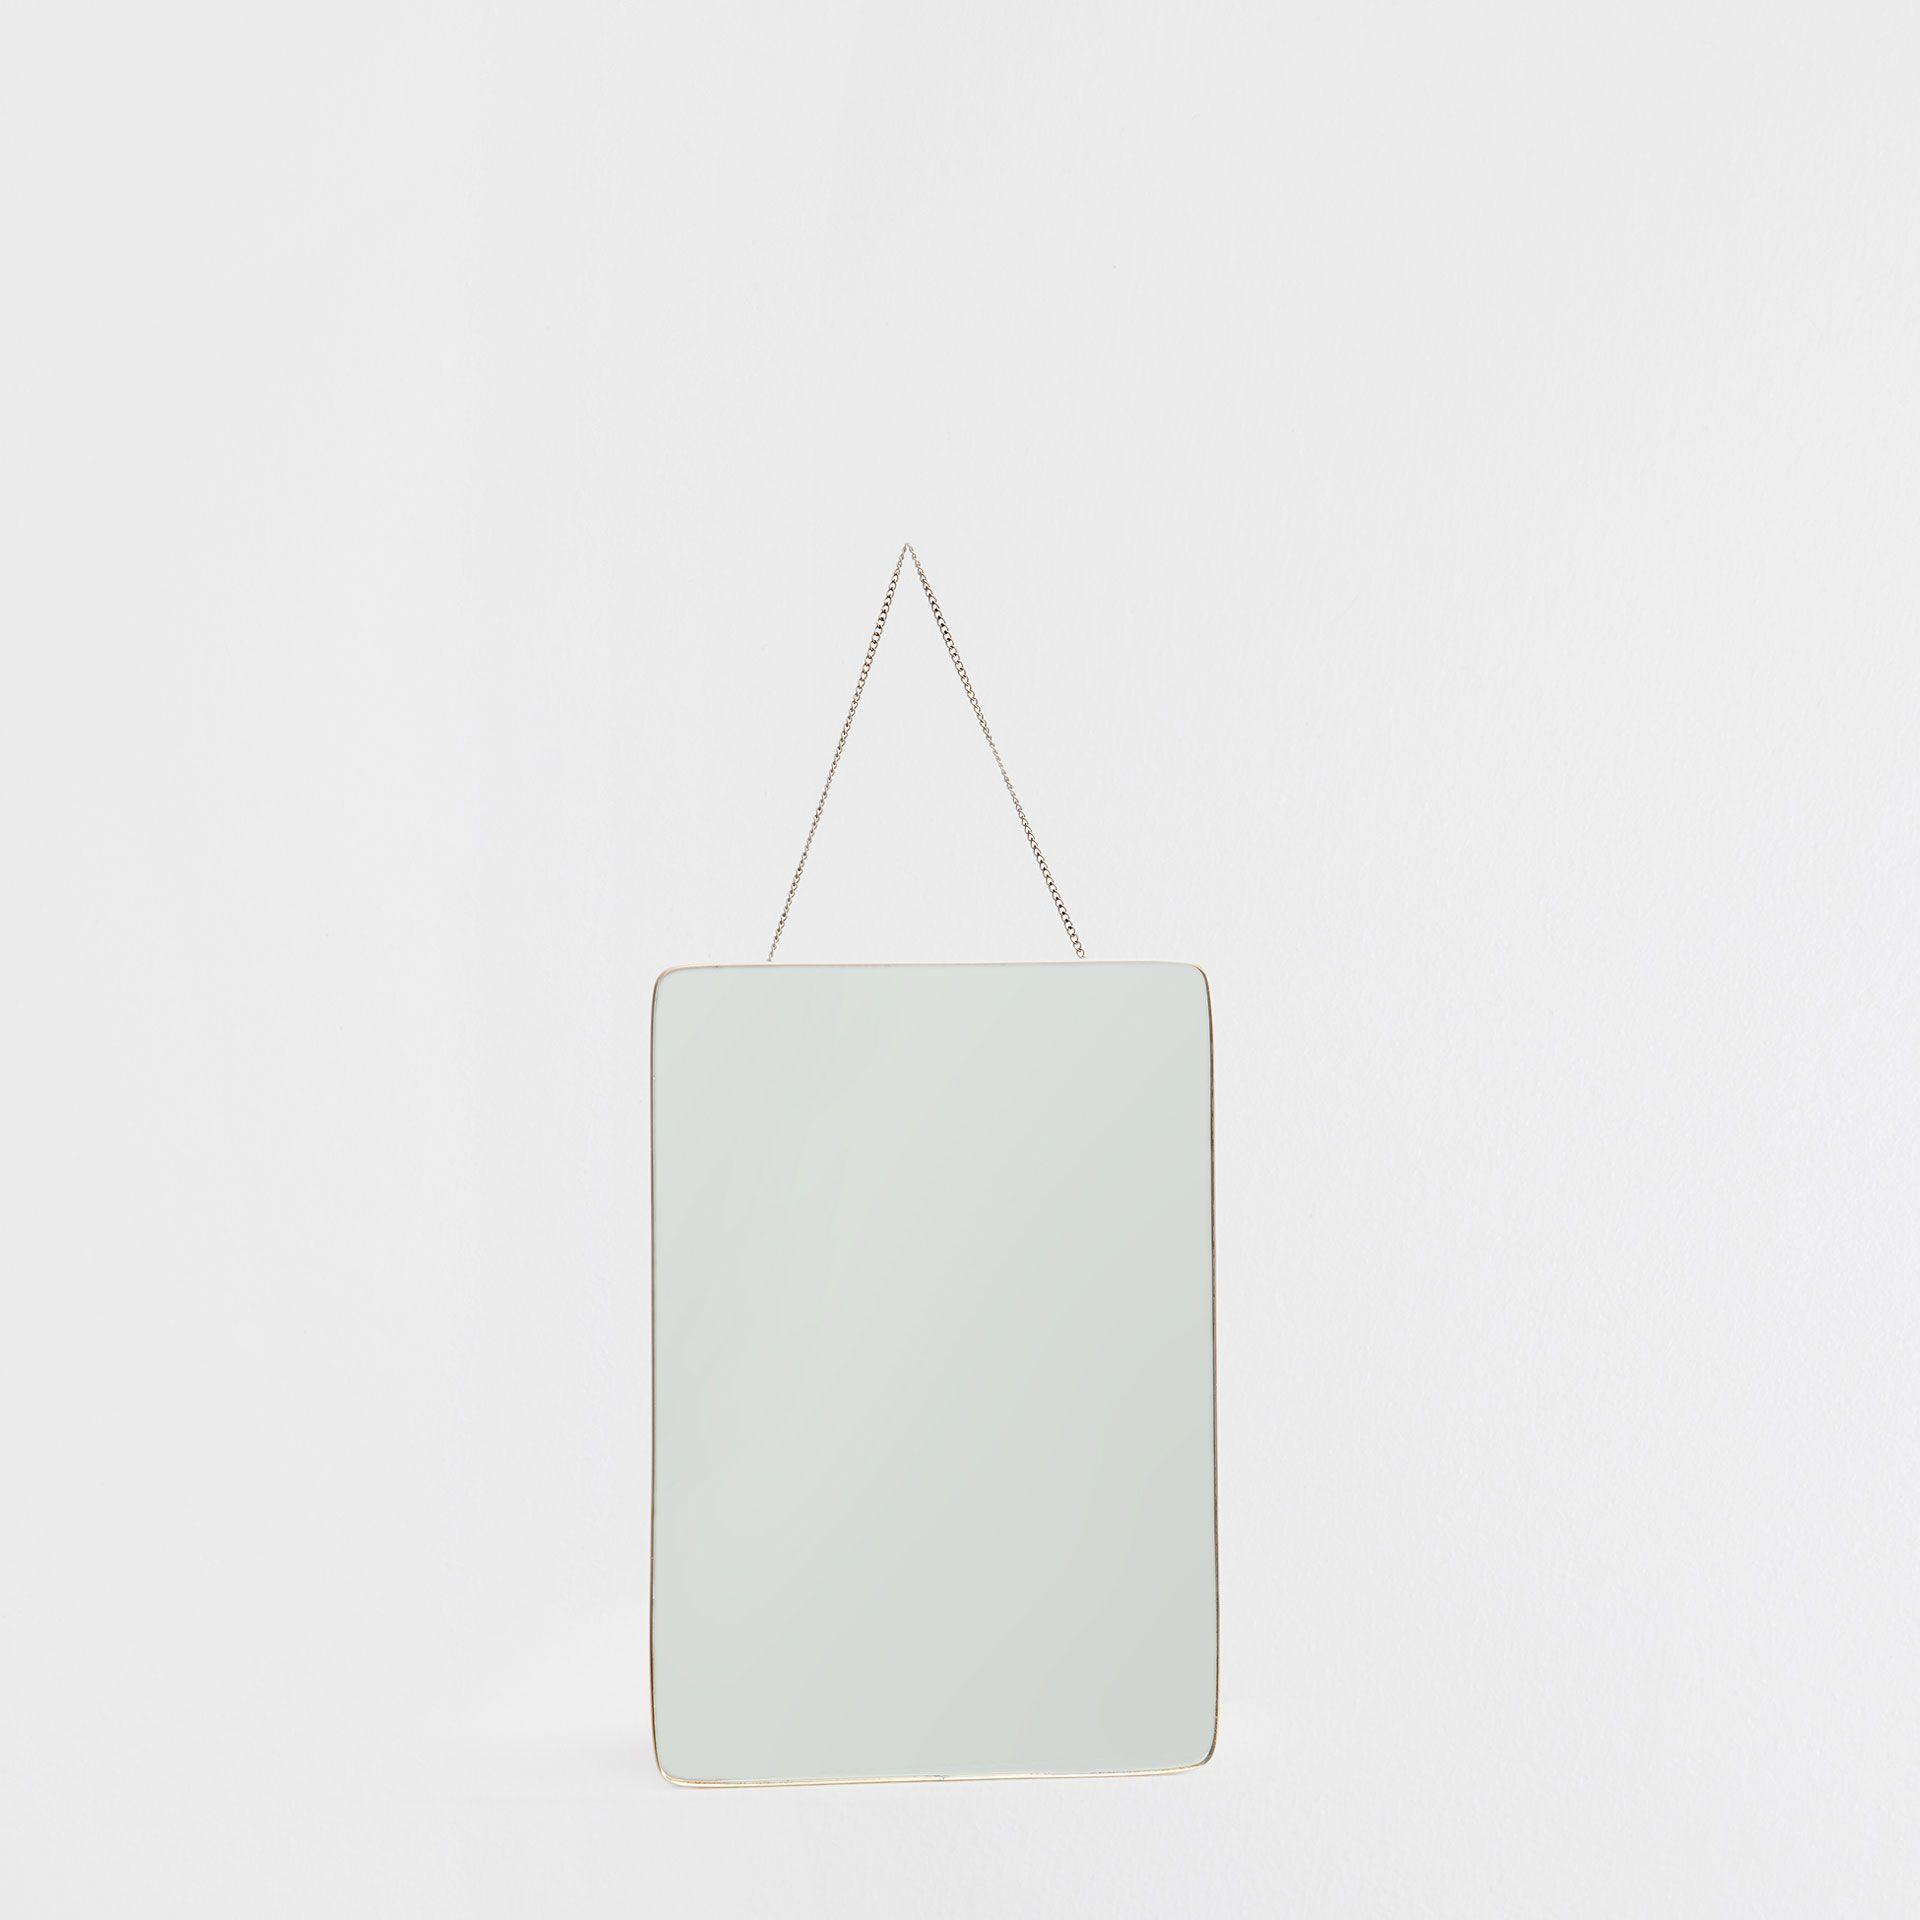 spiegel mit metallic rand zara home deutschland g stebad pinterest. Black Bedroom Furniture Sets. Home Design Ideas